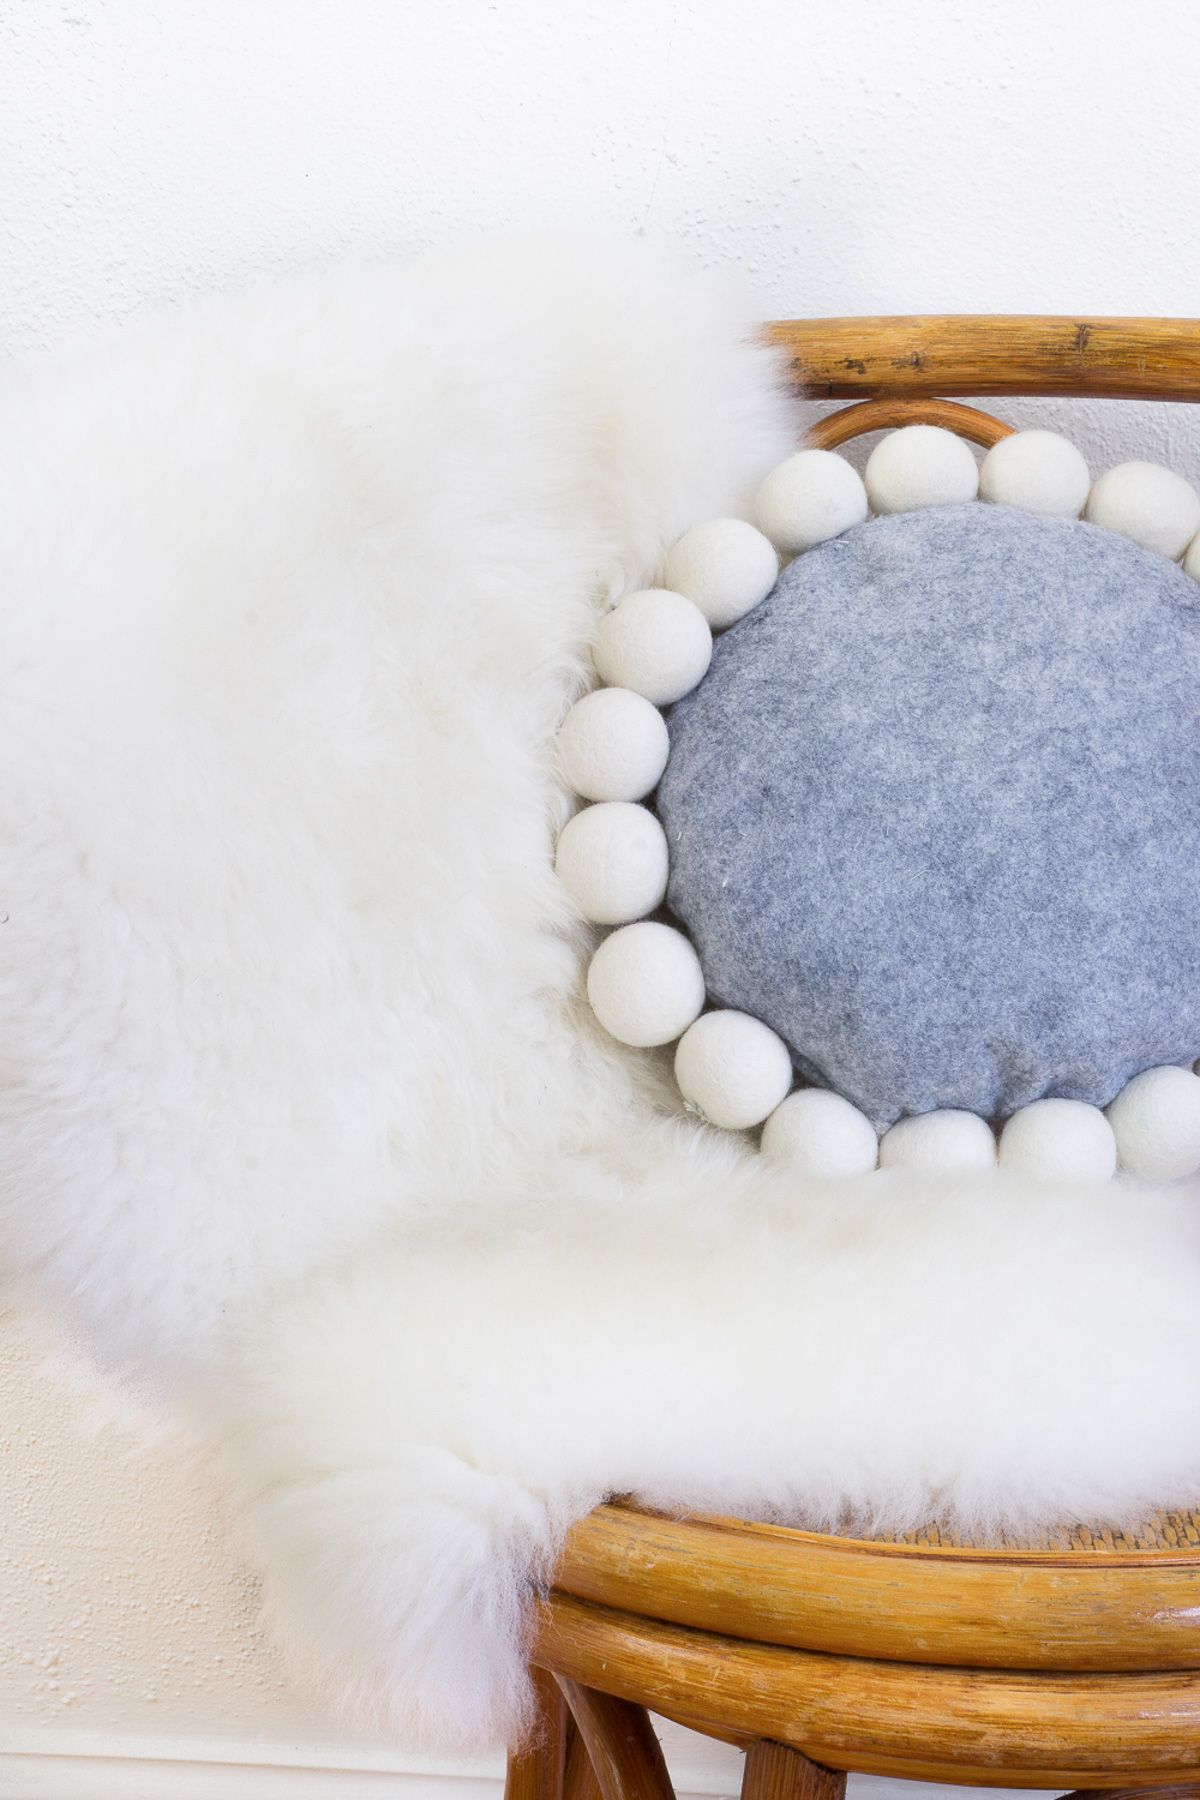 DIY Snowball Pillow | Handicraft Ideas 4 / Käsityöideoita 4 ...